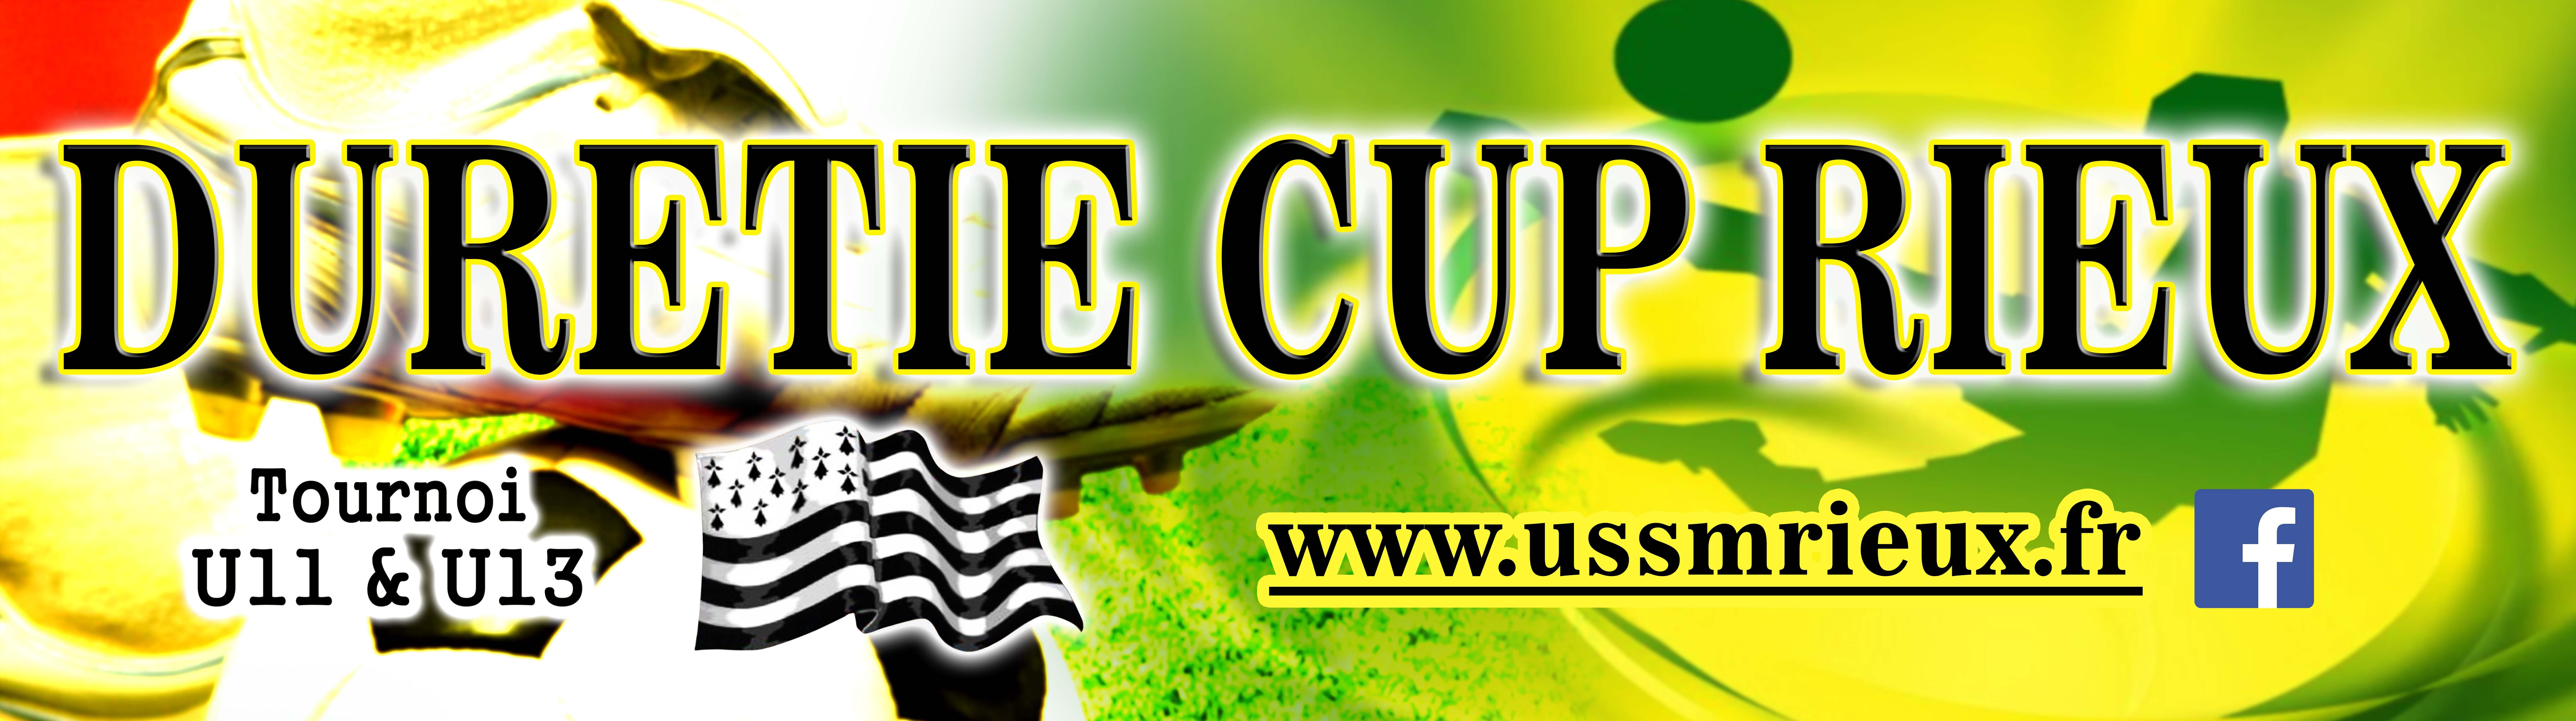 Duretie Cup 2019 - Inscriptions ouvertes !